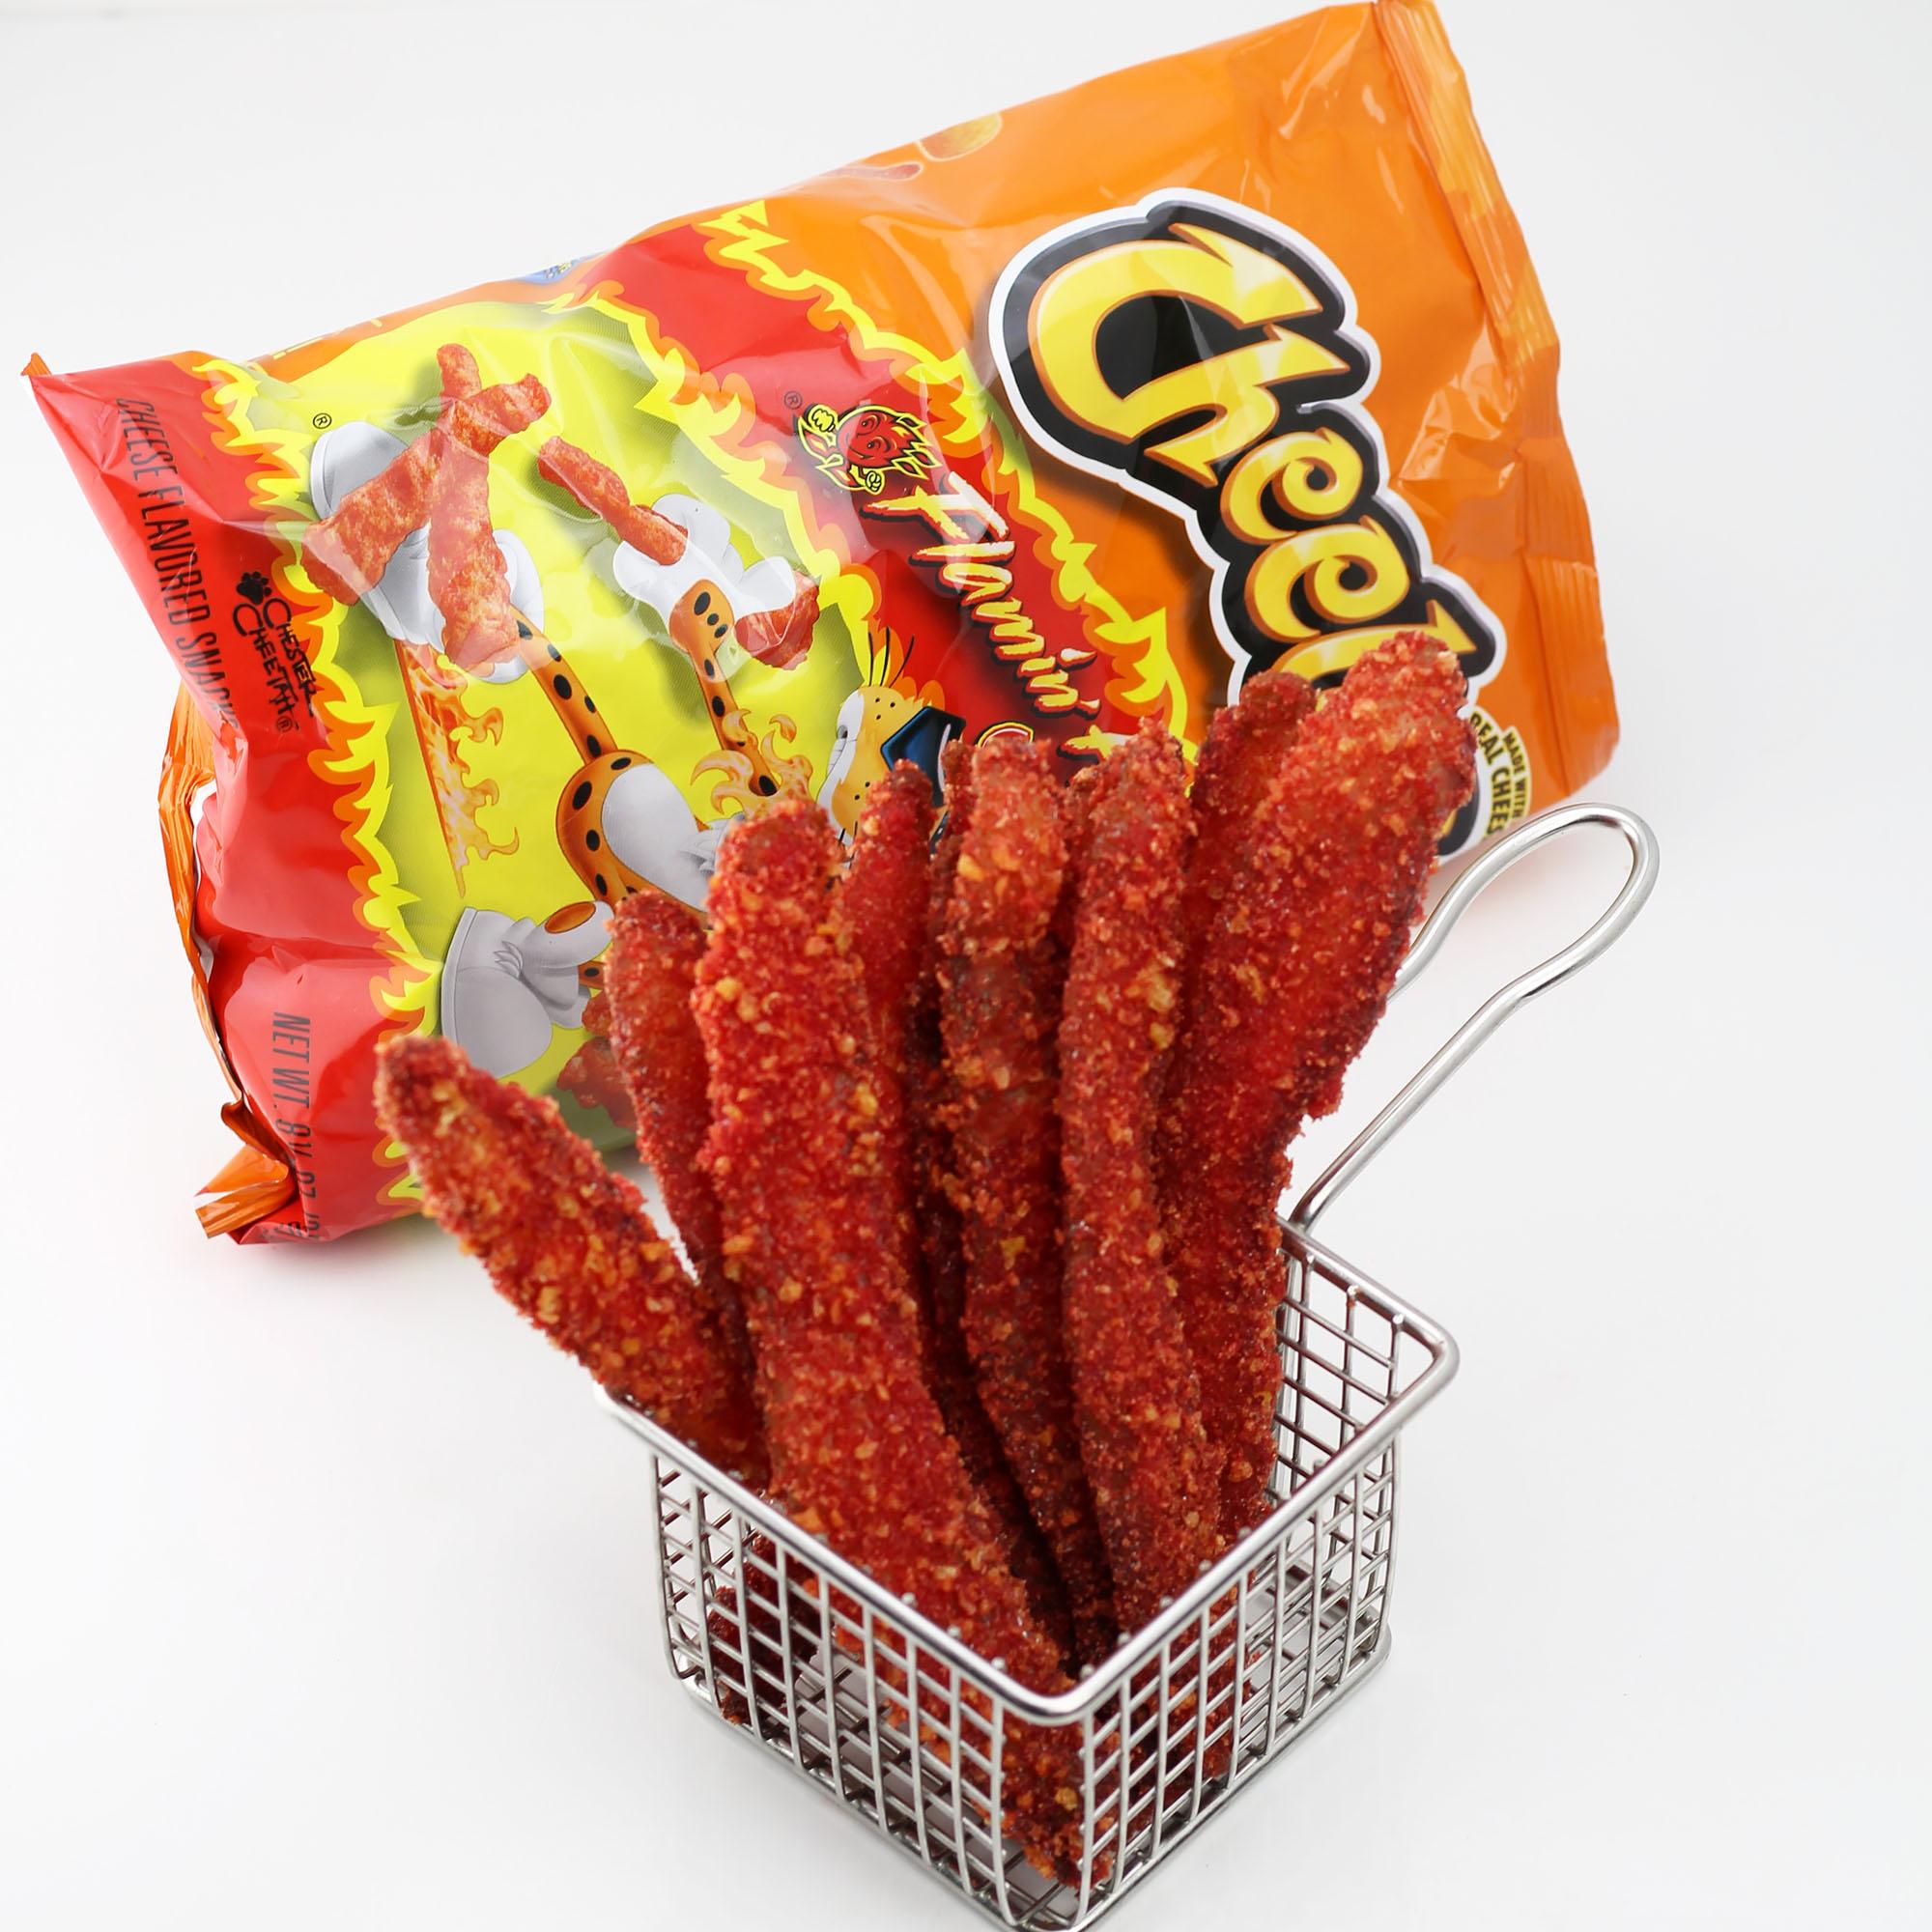 Flamin' Hot Cheetos Encrusted Bacon